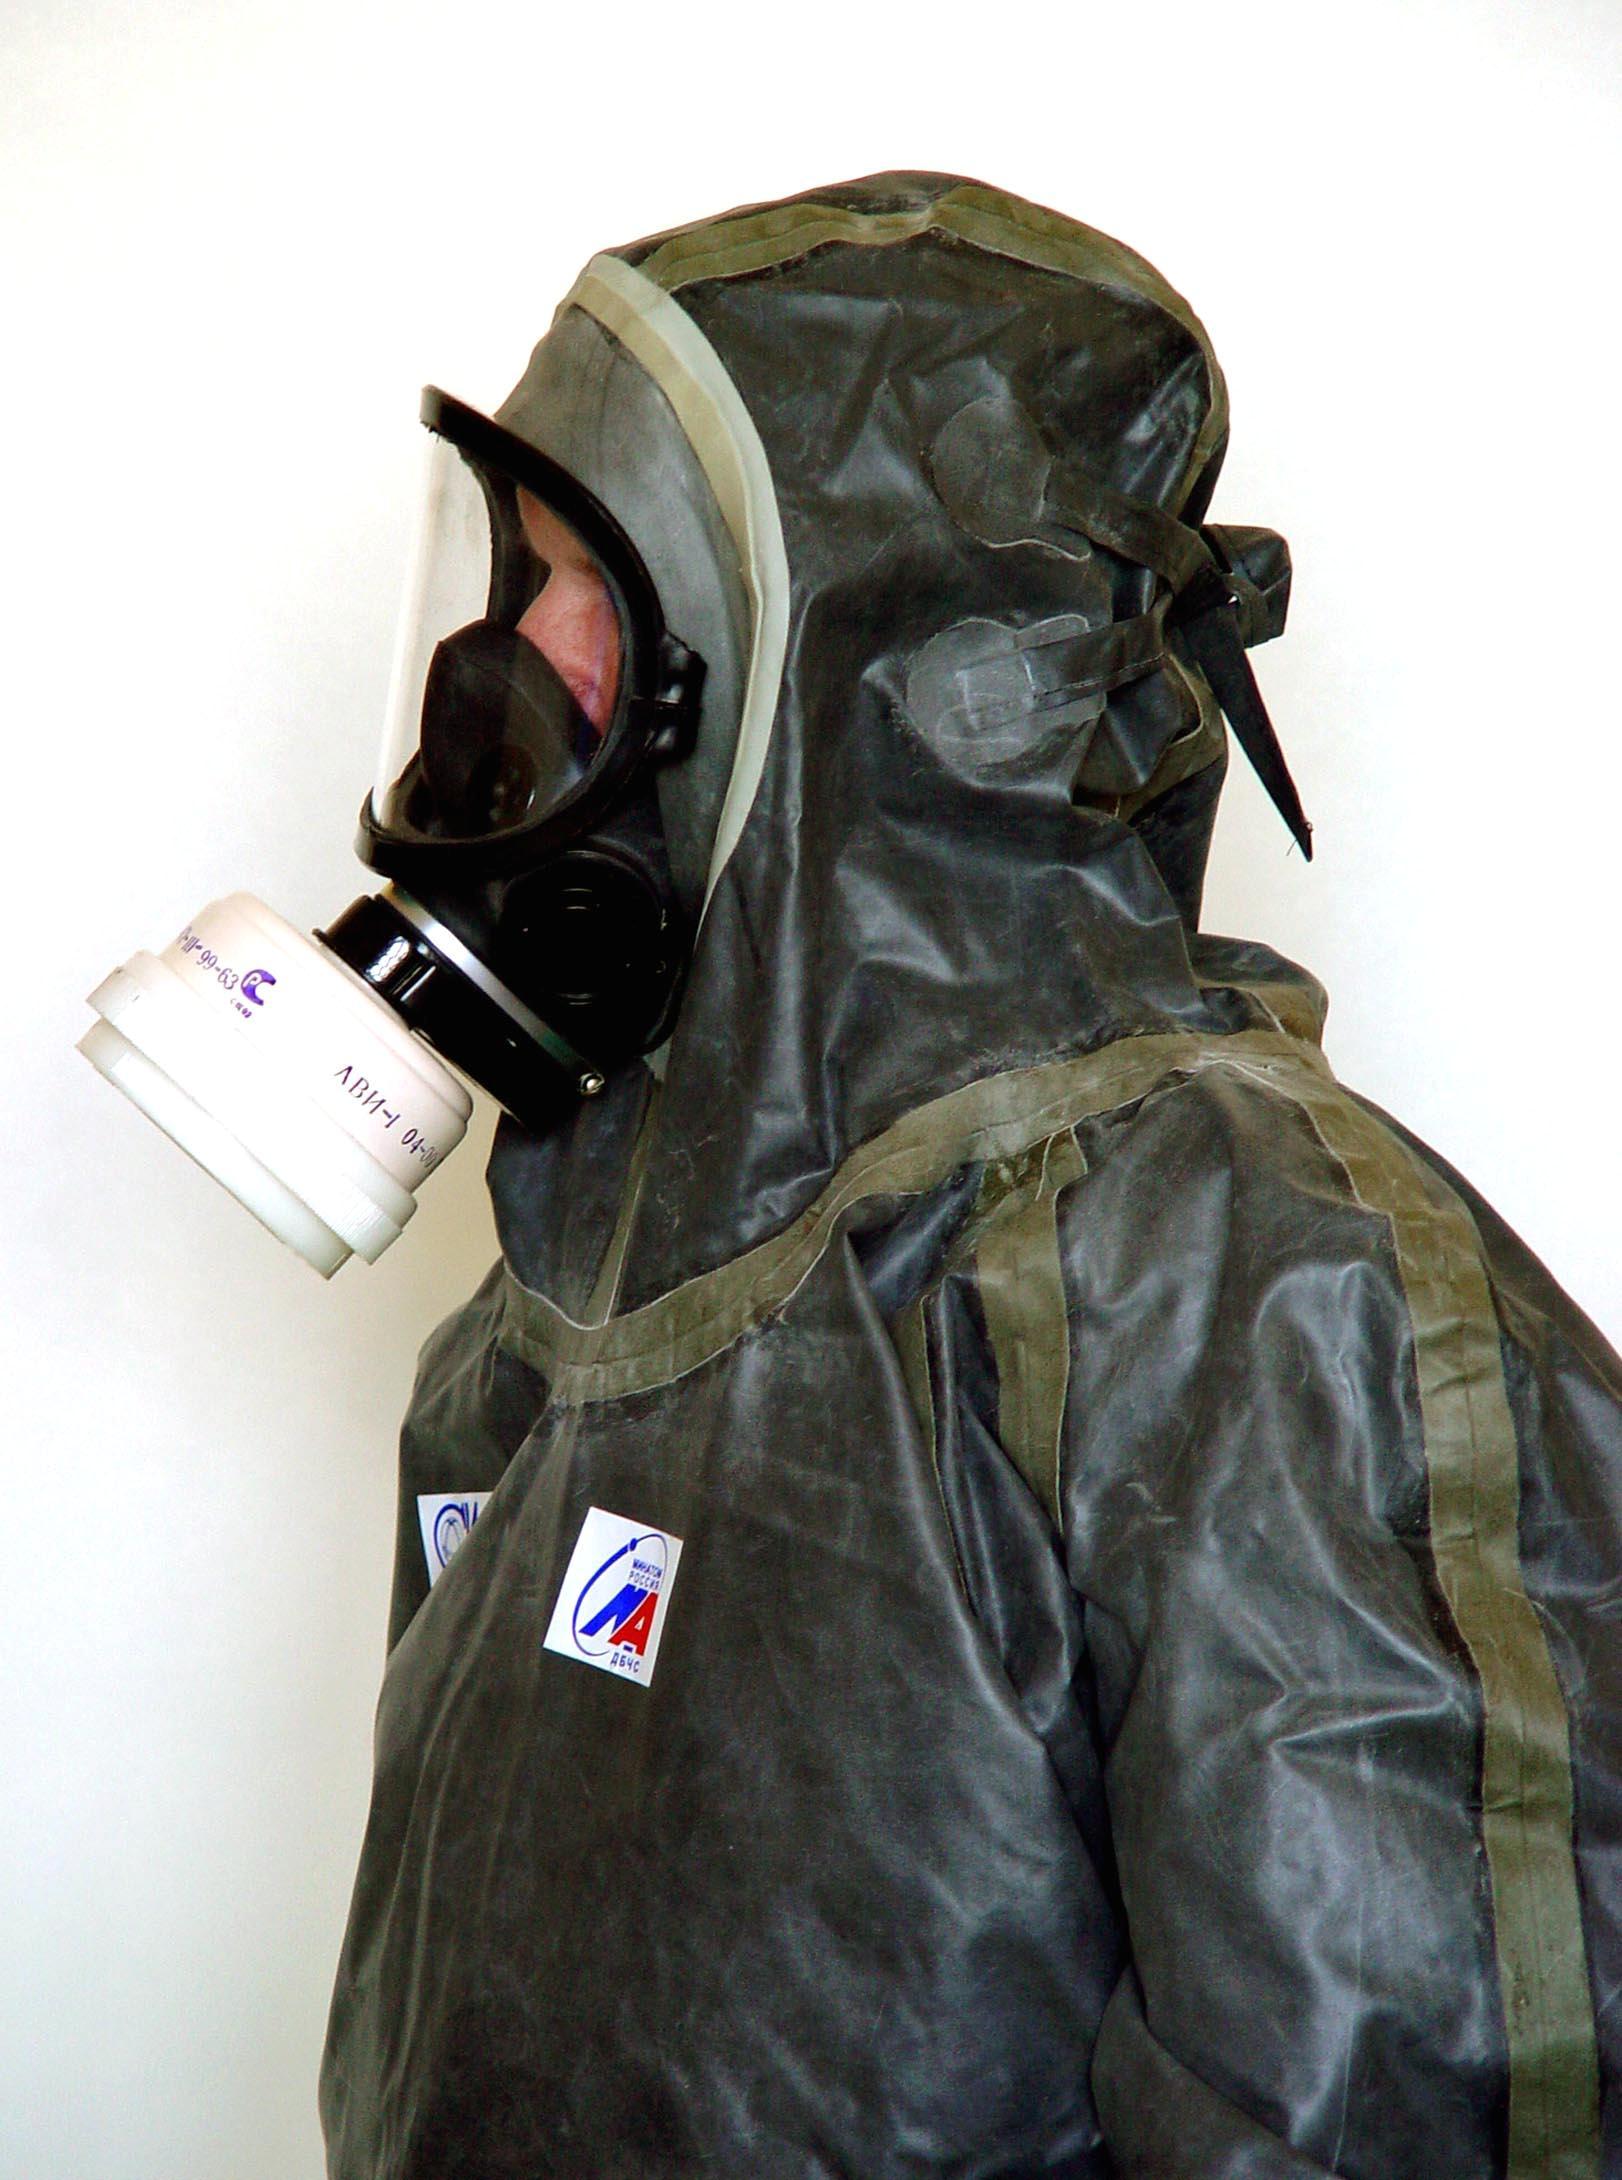 противорадиационный костюм фото этом для ландшафтного